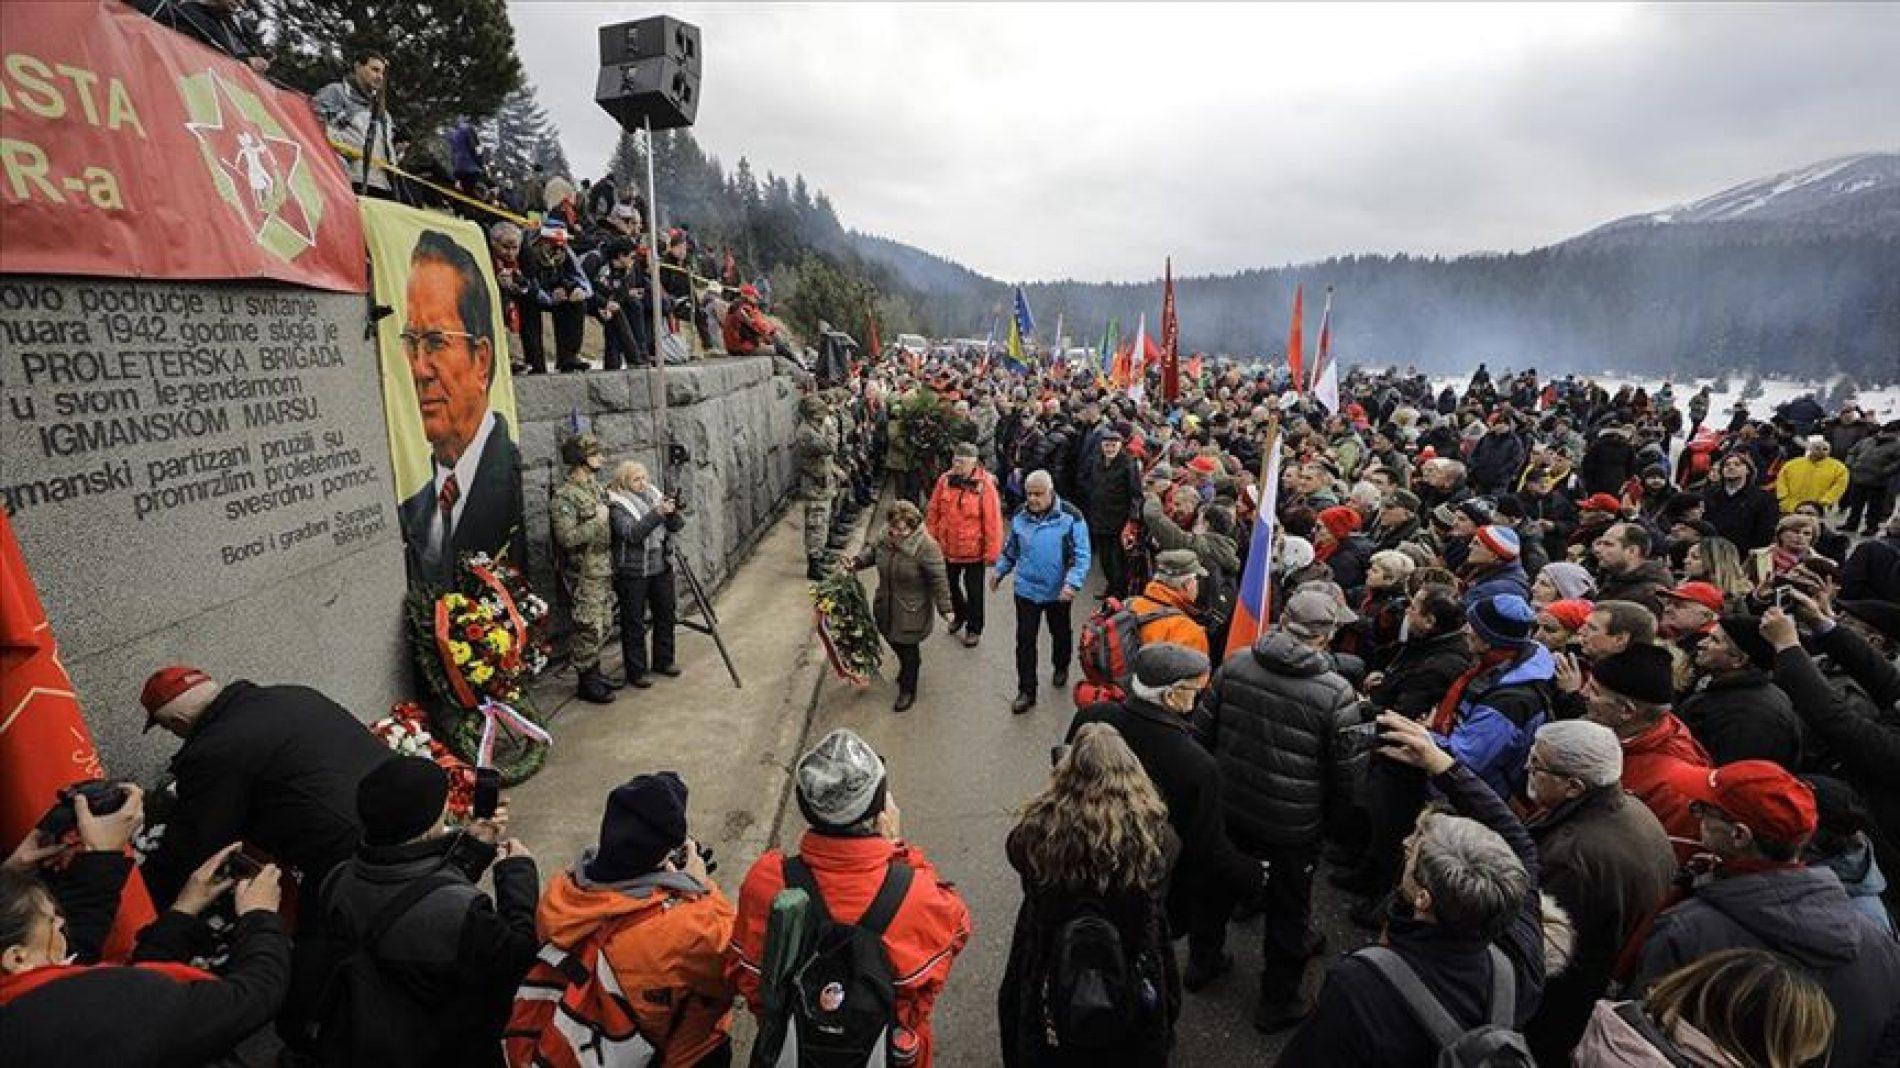 """Obilježavanje 78. godišnjice """"Igmanskog marša"""": Antifašizam nije iskorijenjen"""